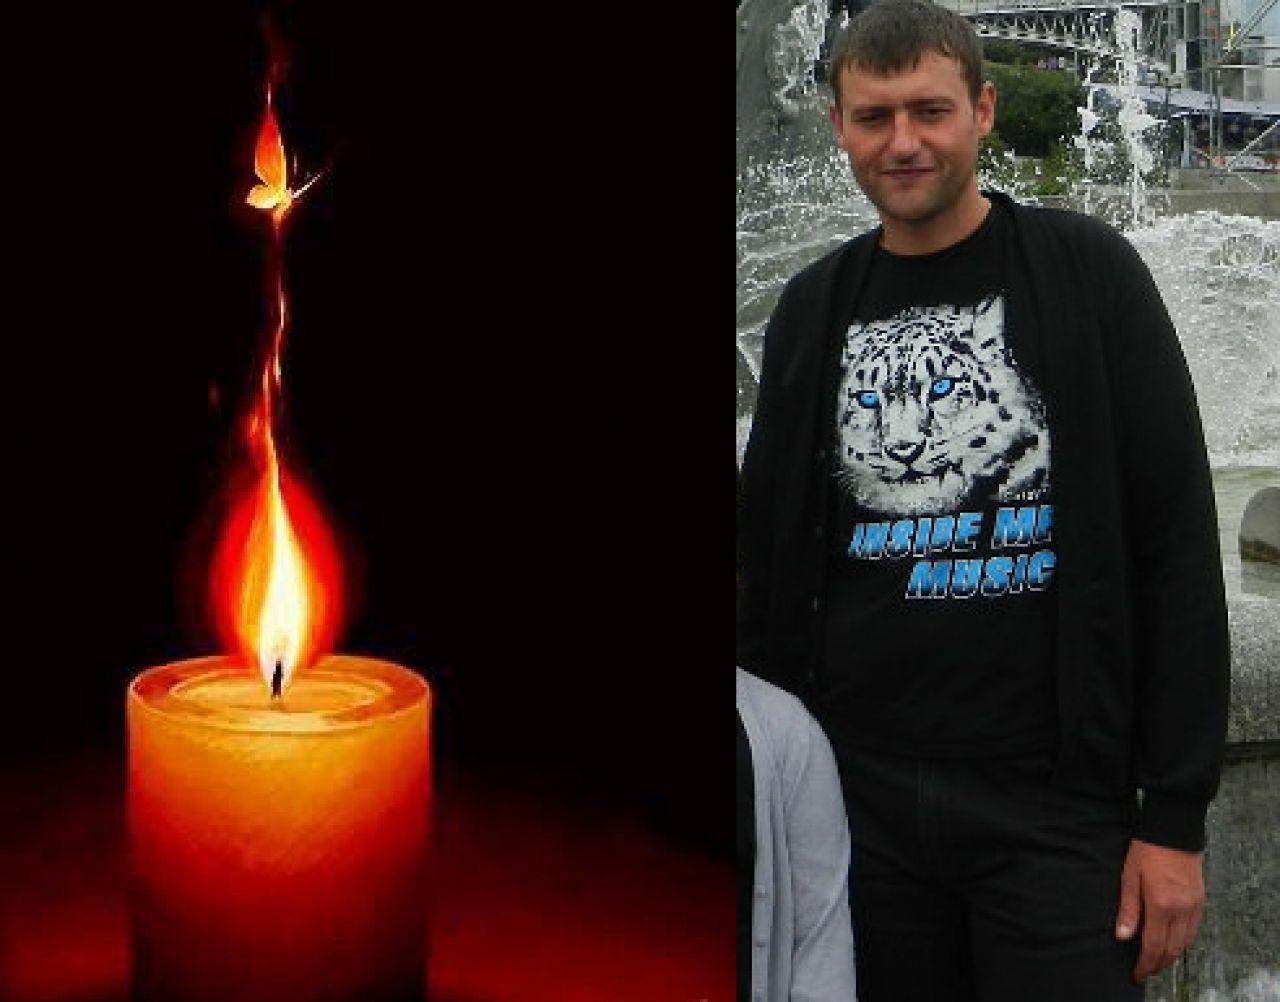 За минувшие сутки погибших нет, ранены двое украинских воинов, - спикер АТО - Цензор.НЕТ 4179